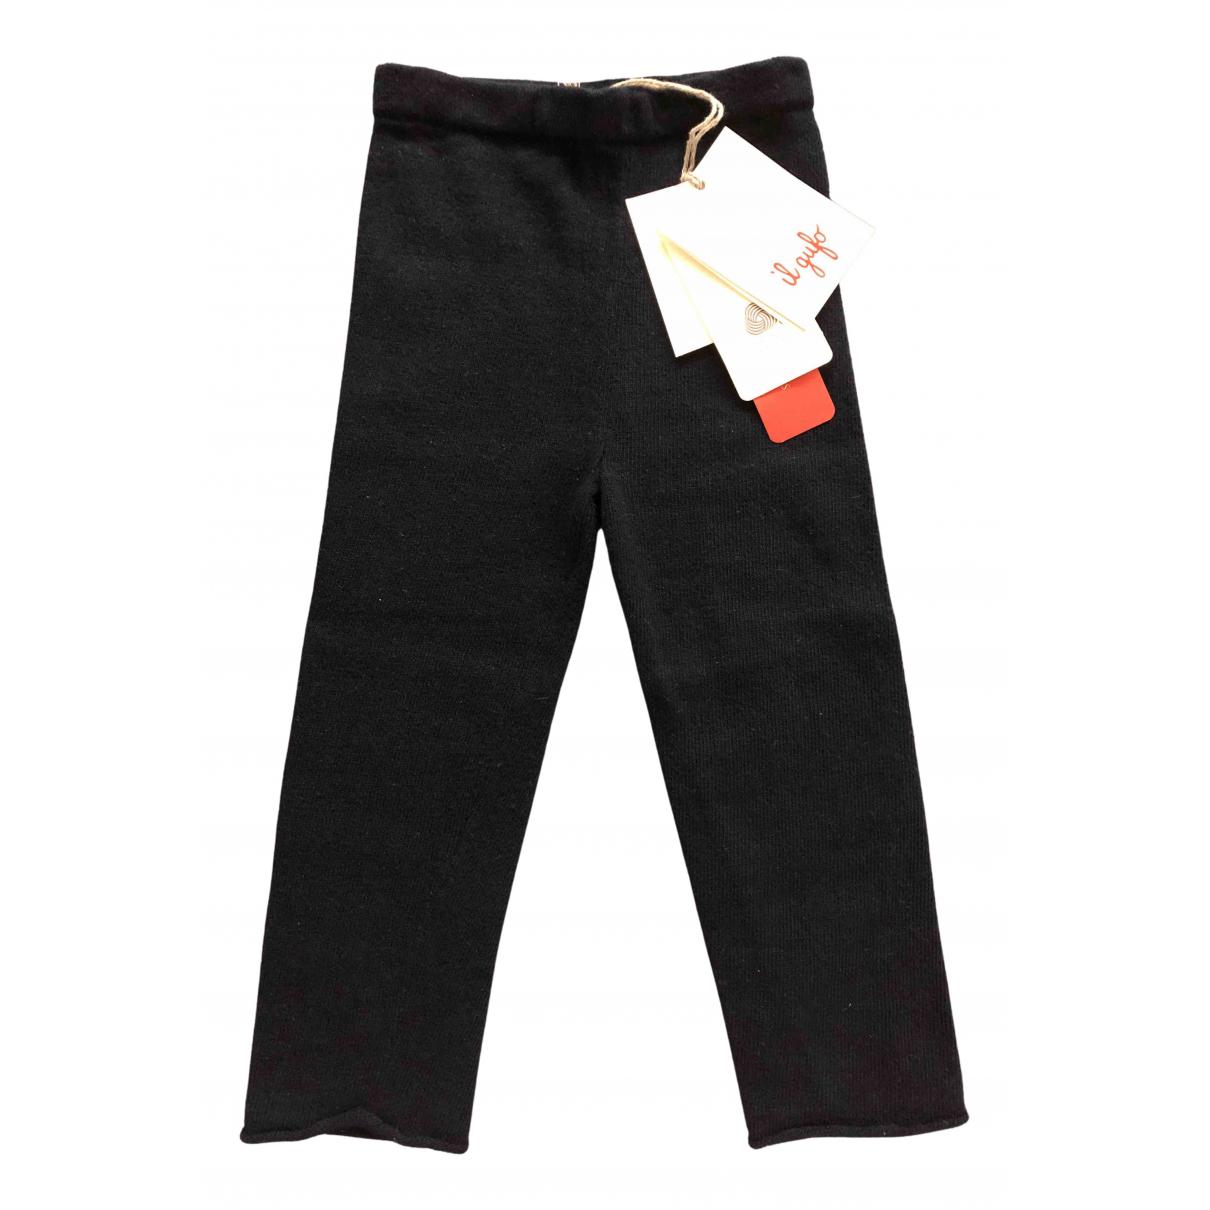 Pantalon de Lana Il Gufo